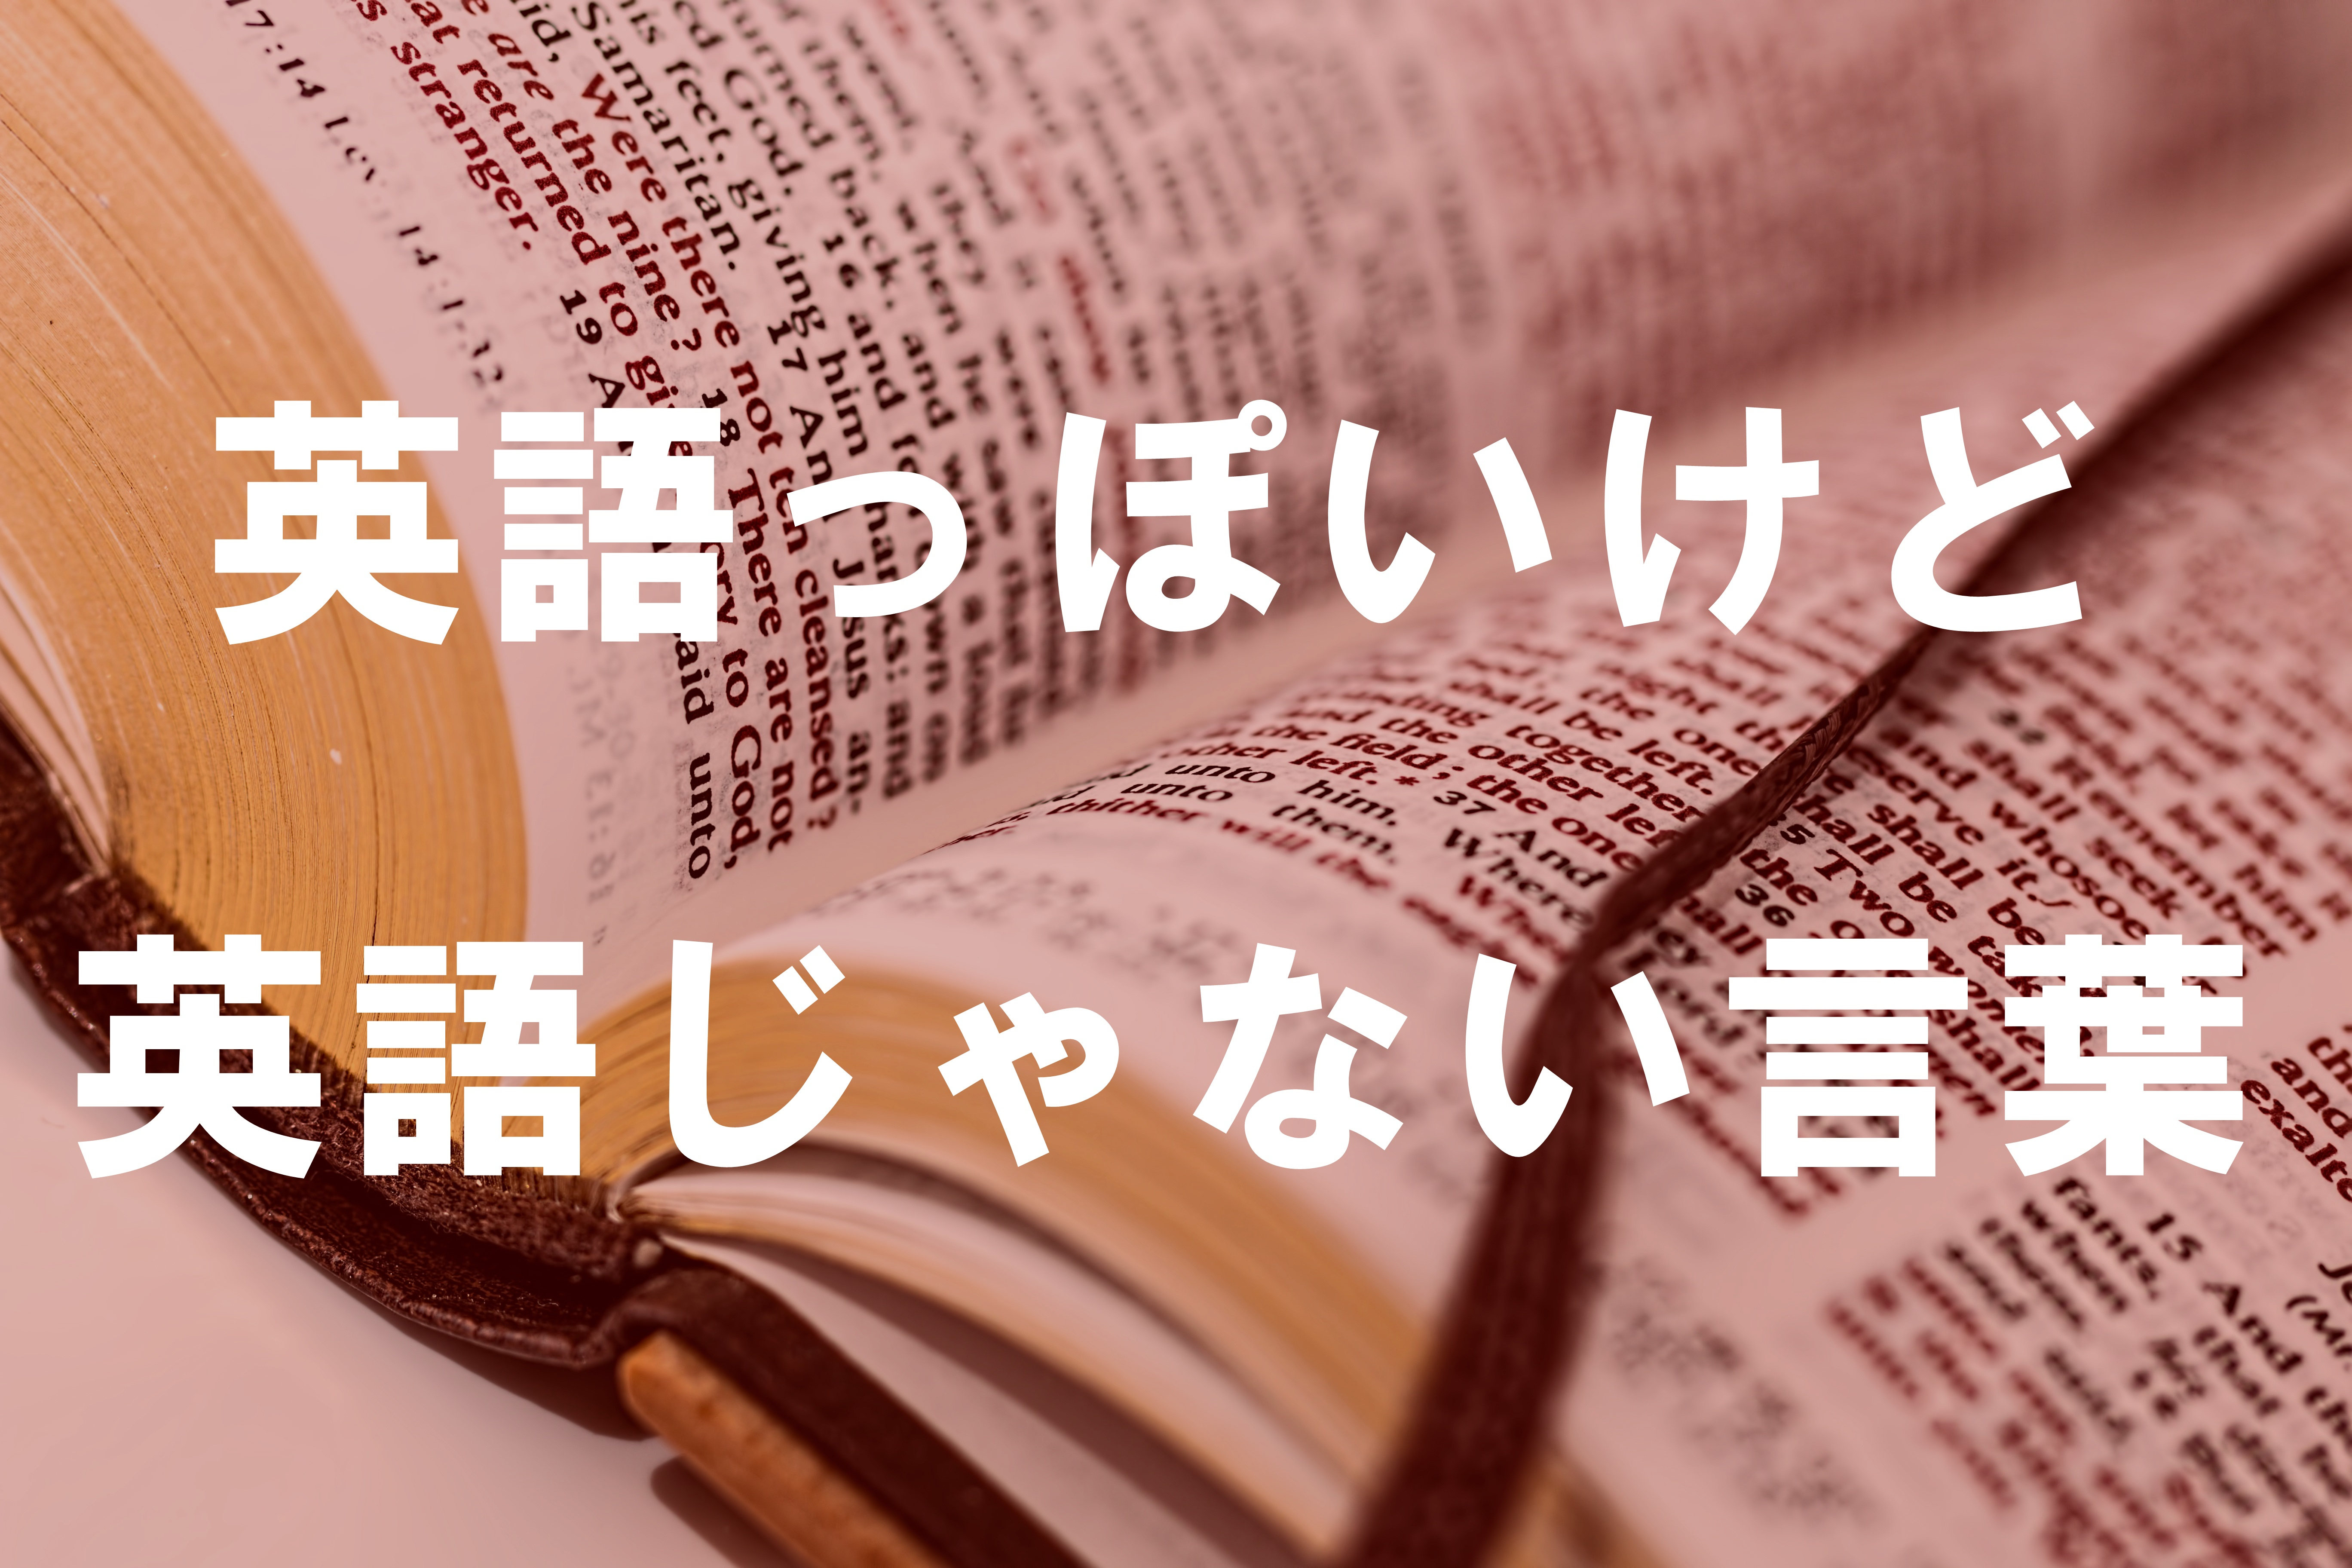 英語っぽいけど英語じゃない言葉